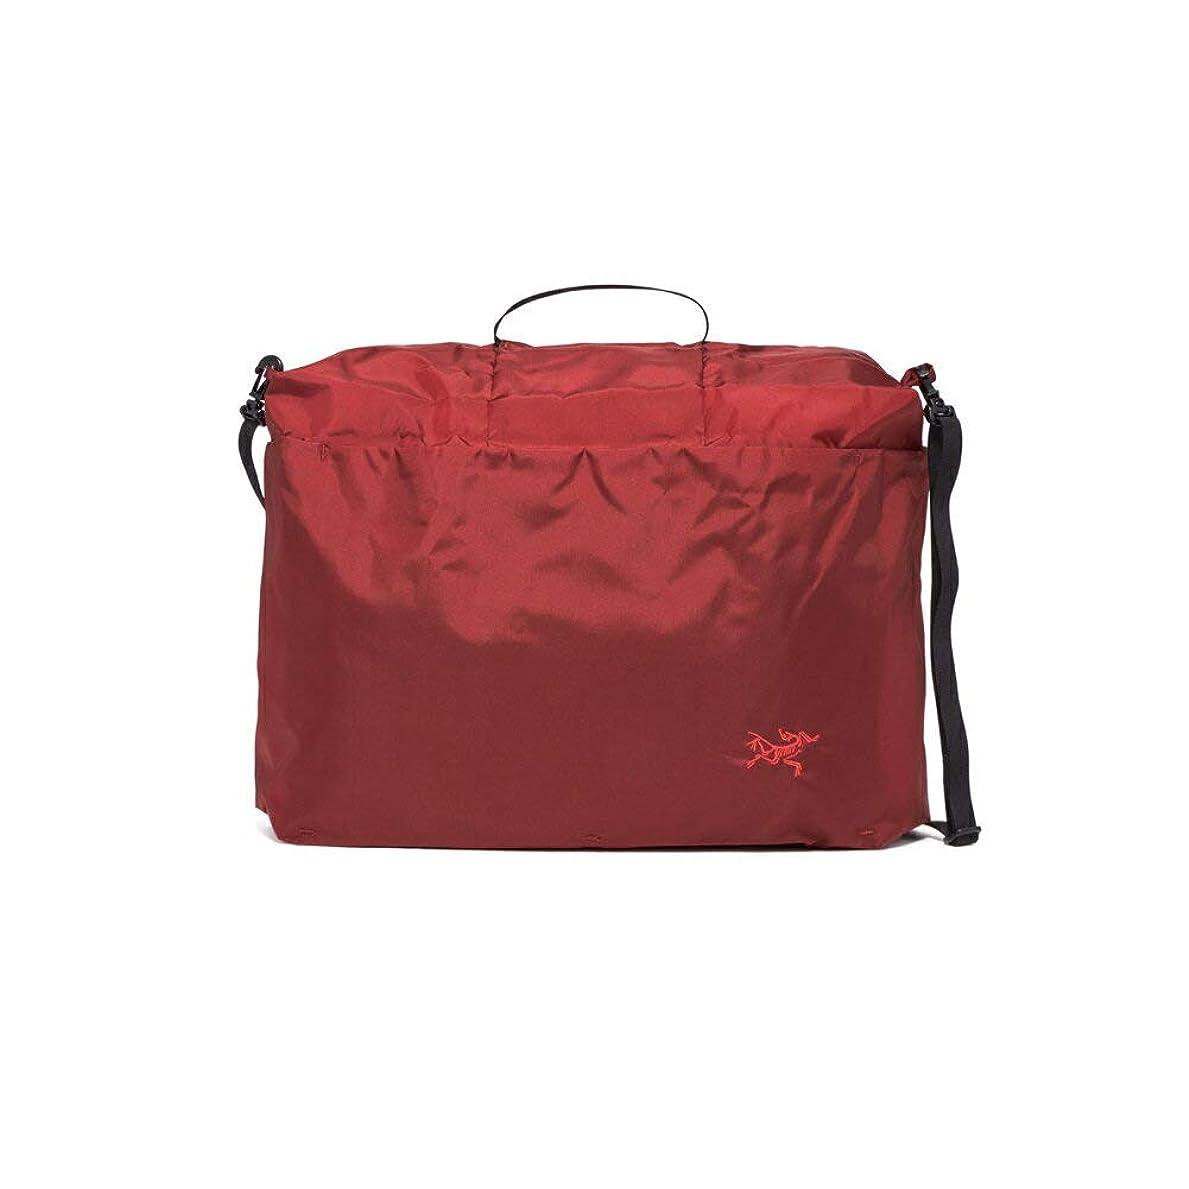 標高道徳のグッゲンハイム美術館(アークテリクス) ARC'TERYX ショルダーバッグ INDEX 10 インデックス10 14257 メンズ RED BEACH 26257 ONE SIZE [並行輸入品]